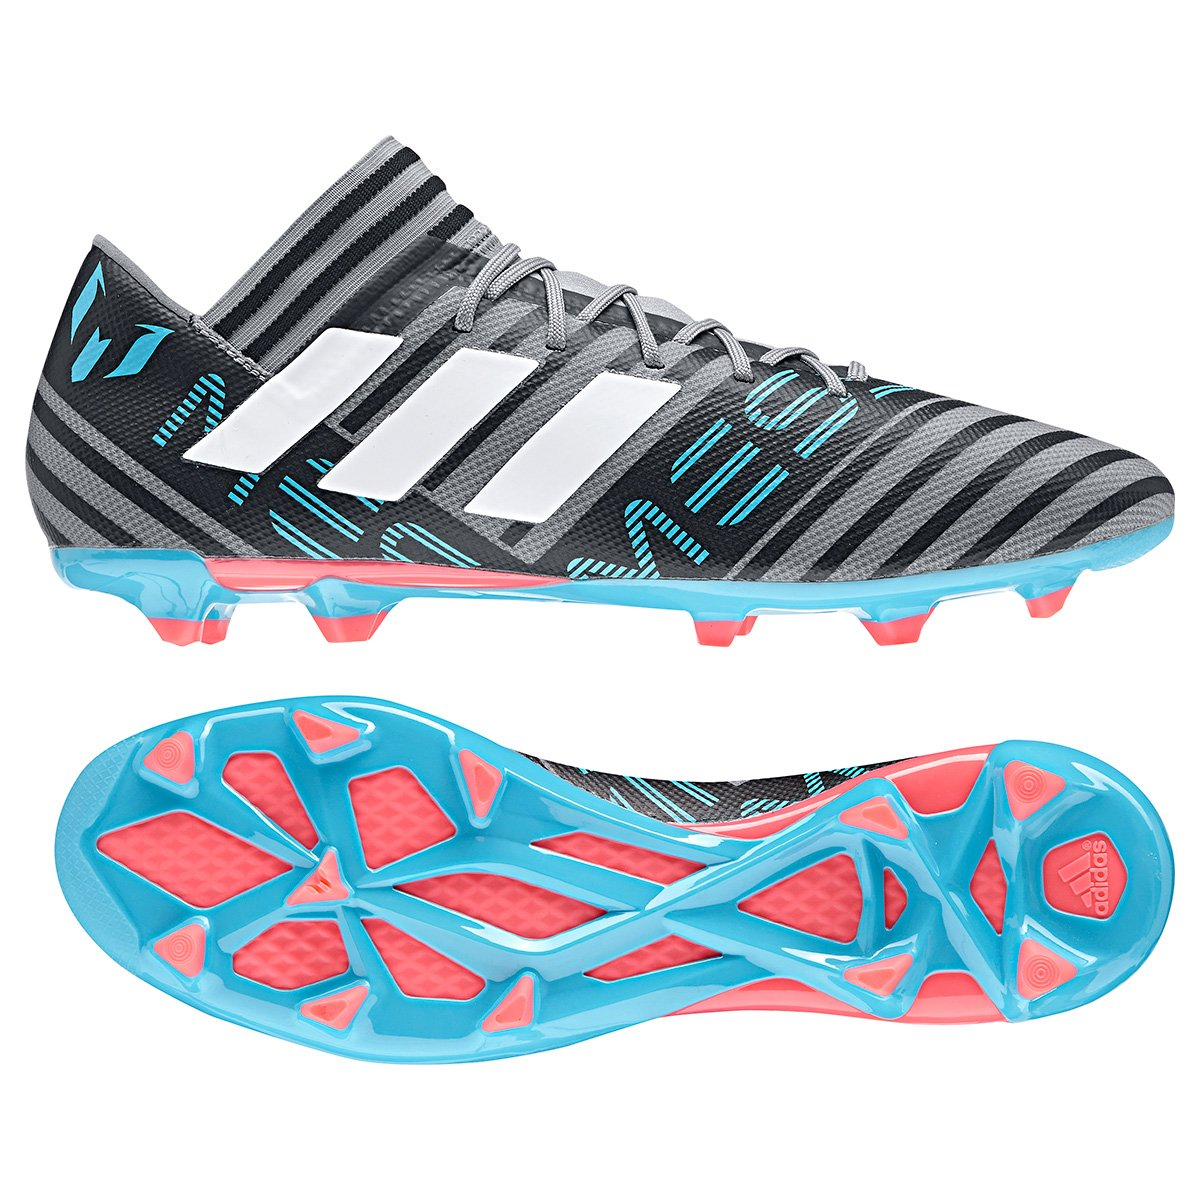 0c5b9a9af3 Chuteira Campo Adidas Nemeziz Messi 17.3 FXG - Cinza e Azul - Compre ...